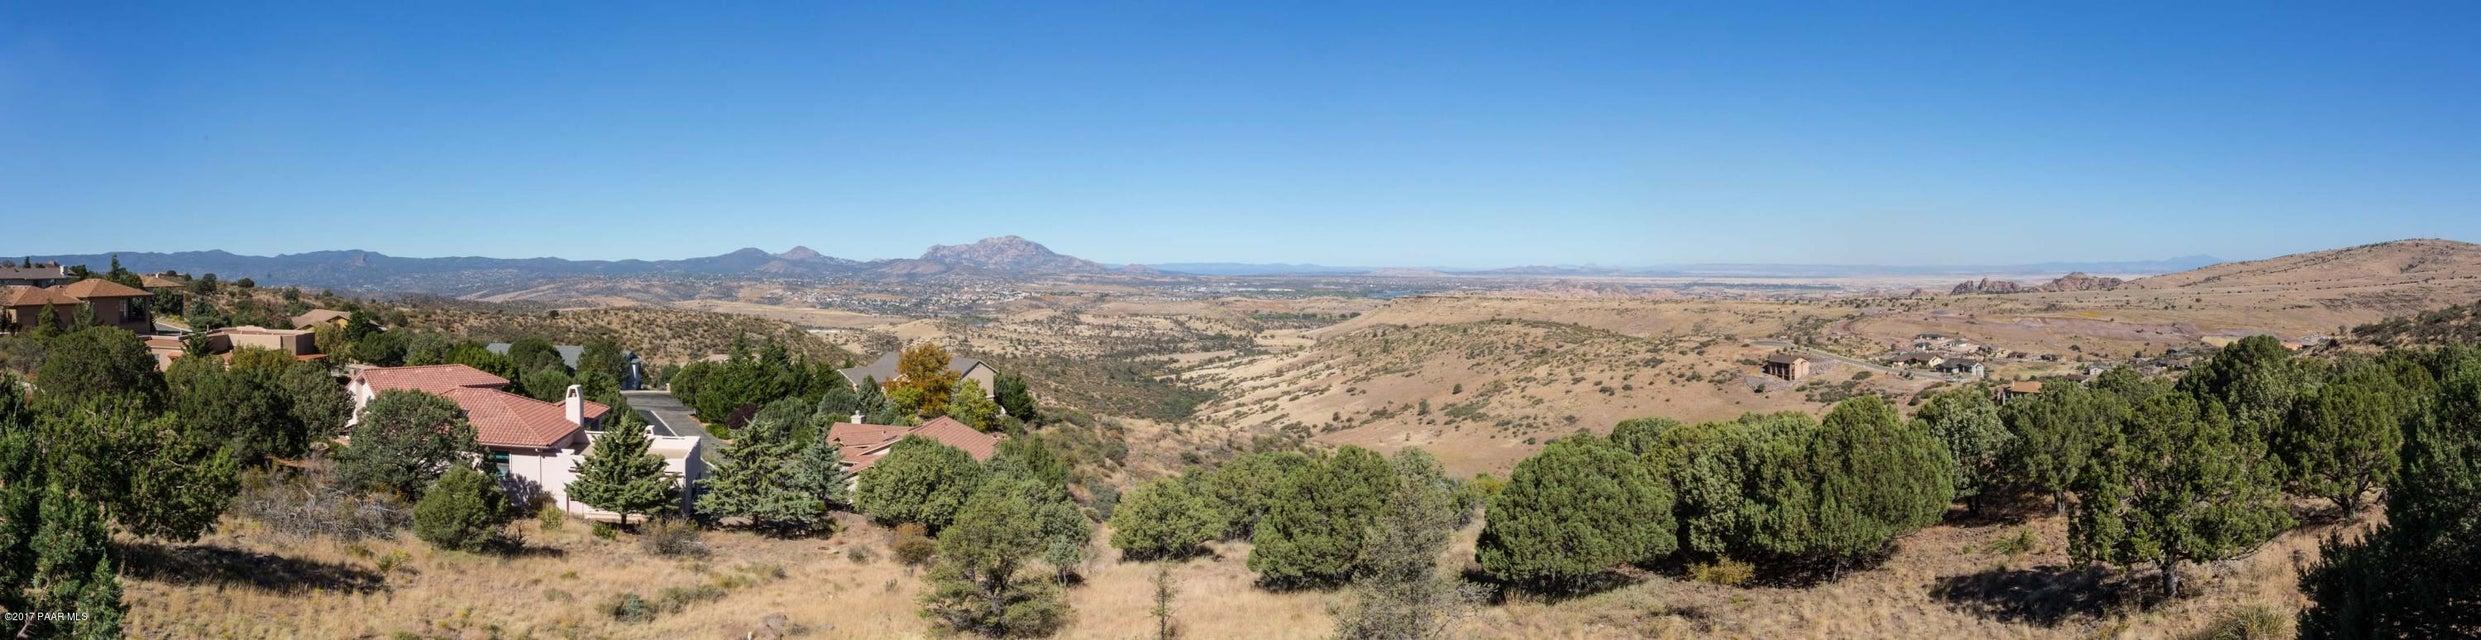 882 Yavapai Hills Drive Prescott, AZ 86301 - MLS #: 1007150